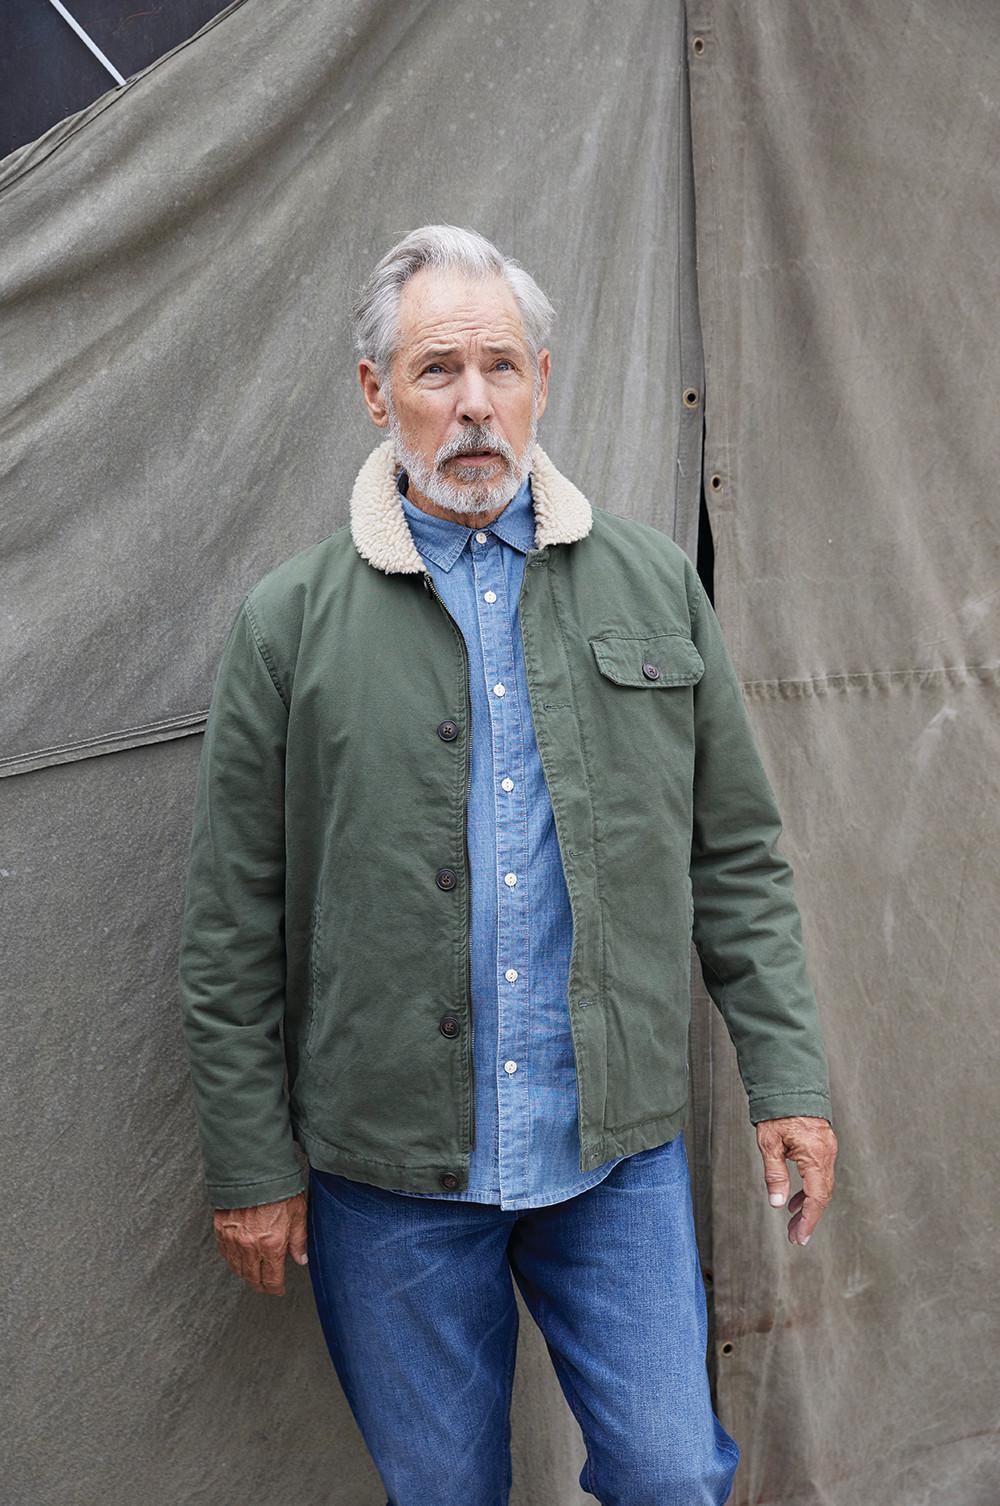 Männliches Model trägt blaue Jeans und grüne Jacke